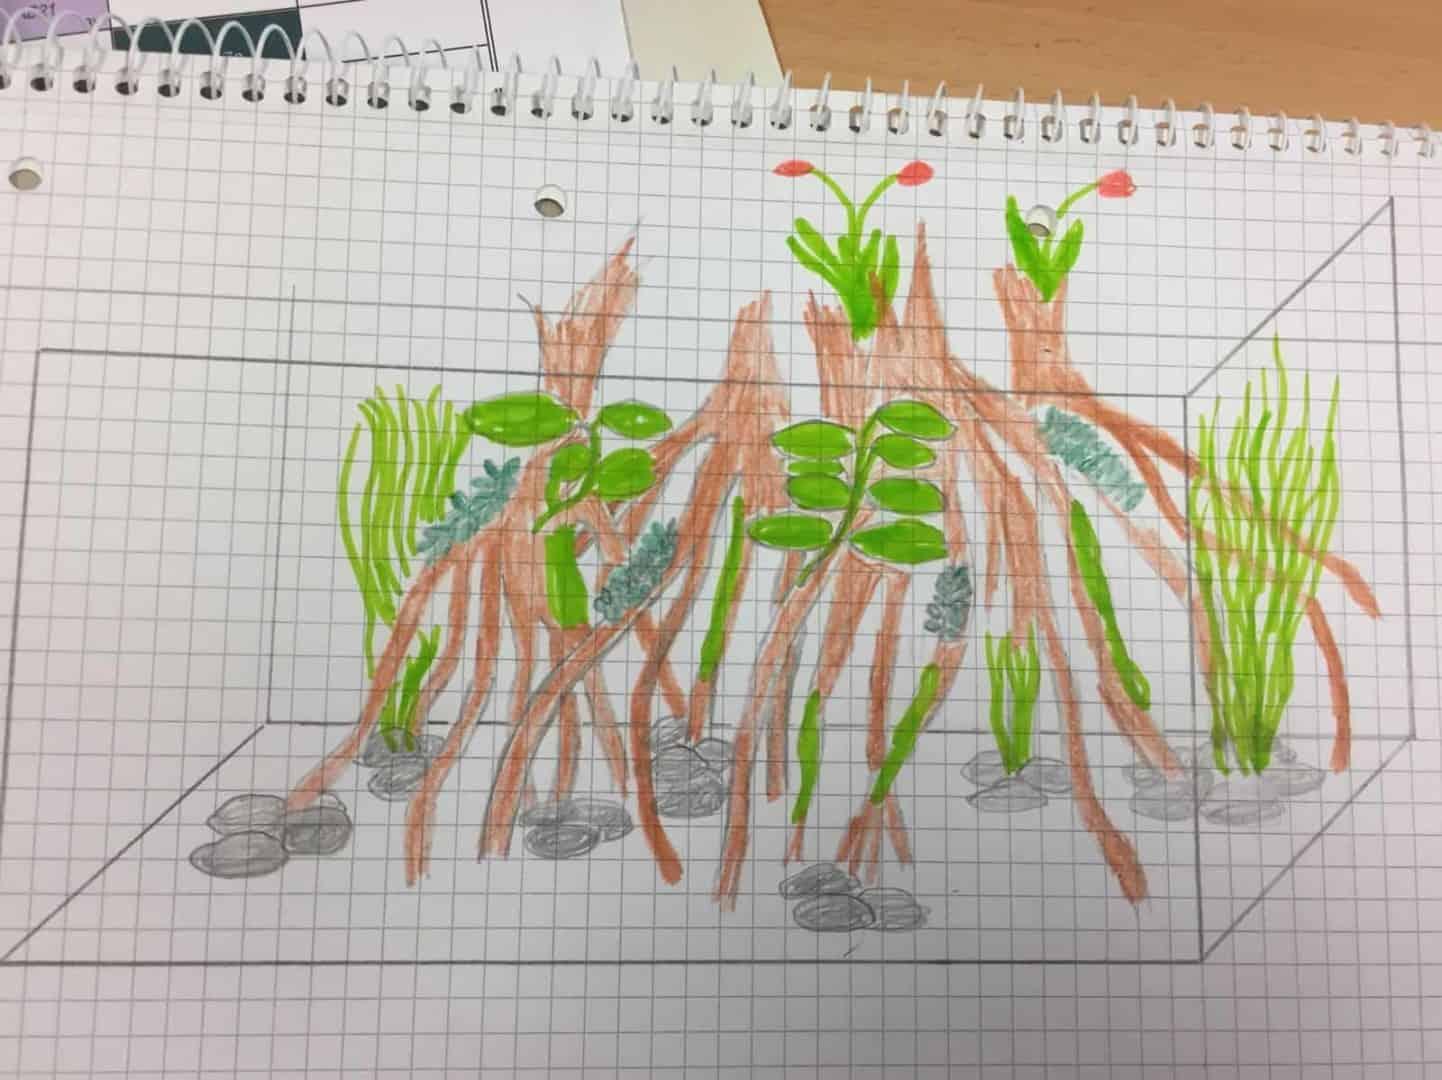 182 Vom Aquascape zum Biotop Aquarium (Dennis Laufer) 17